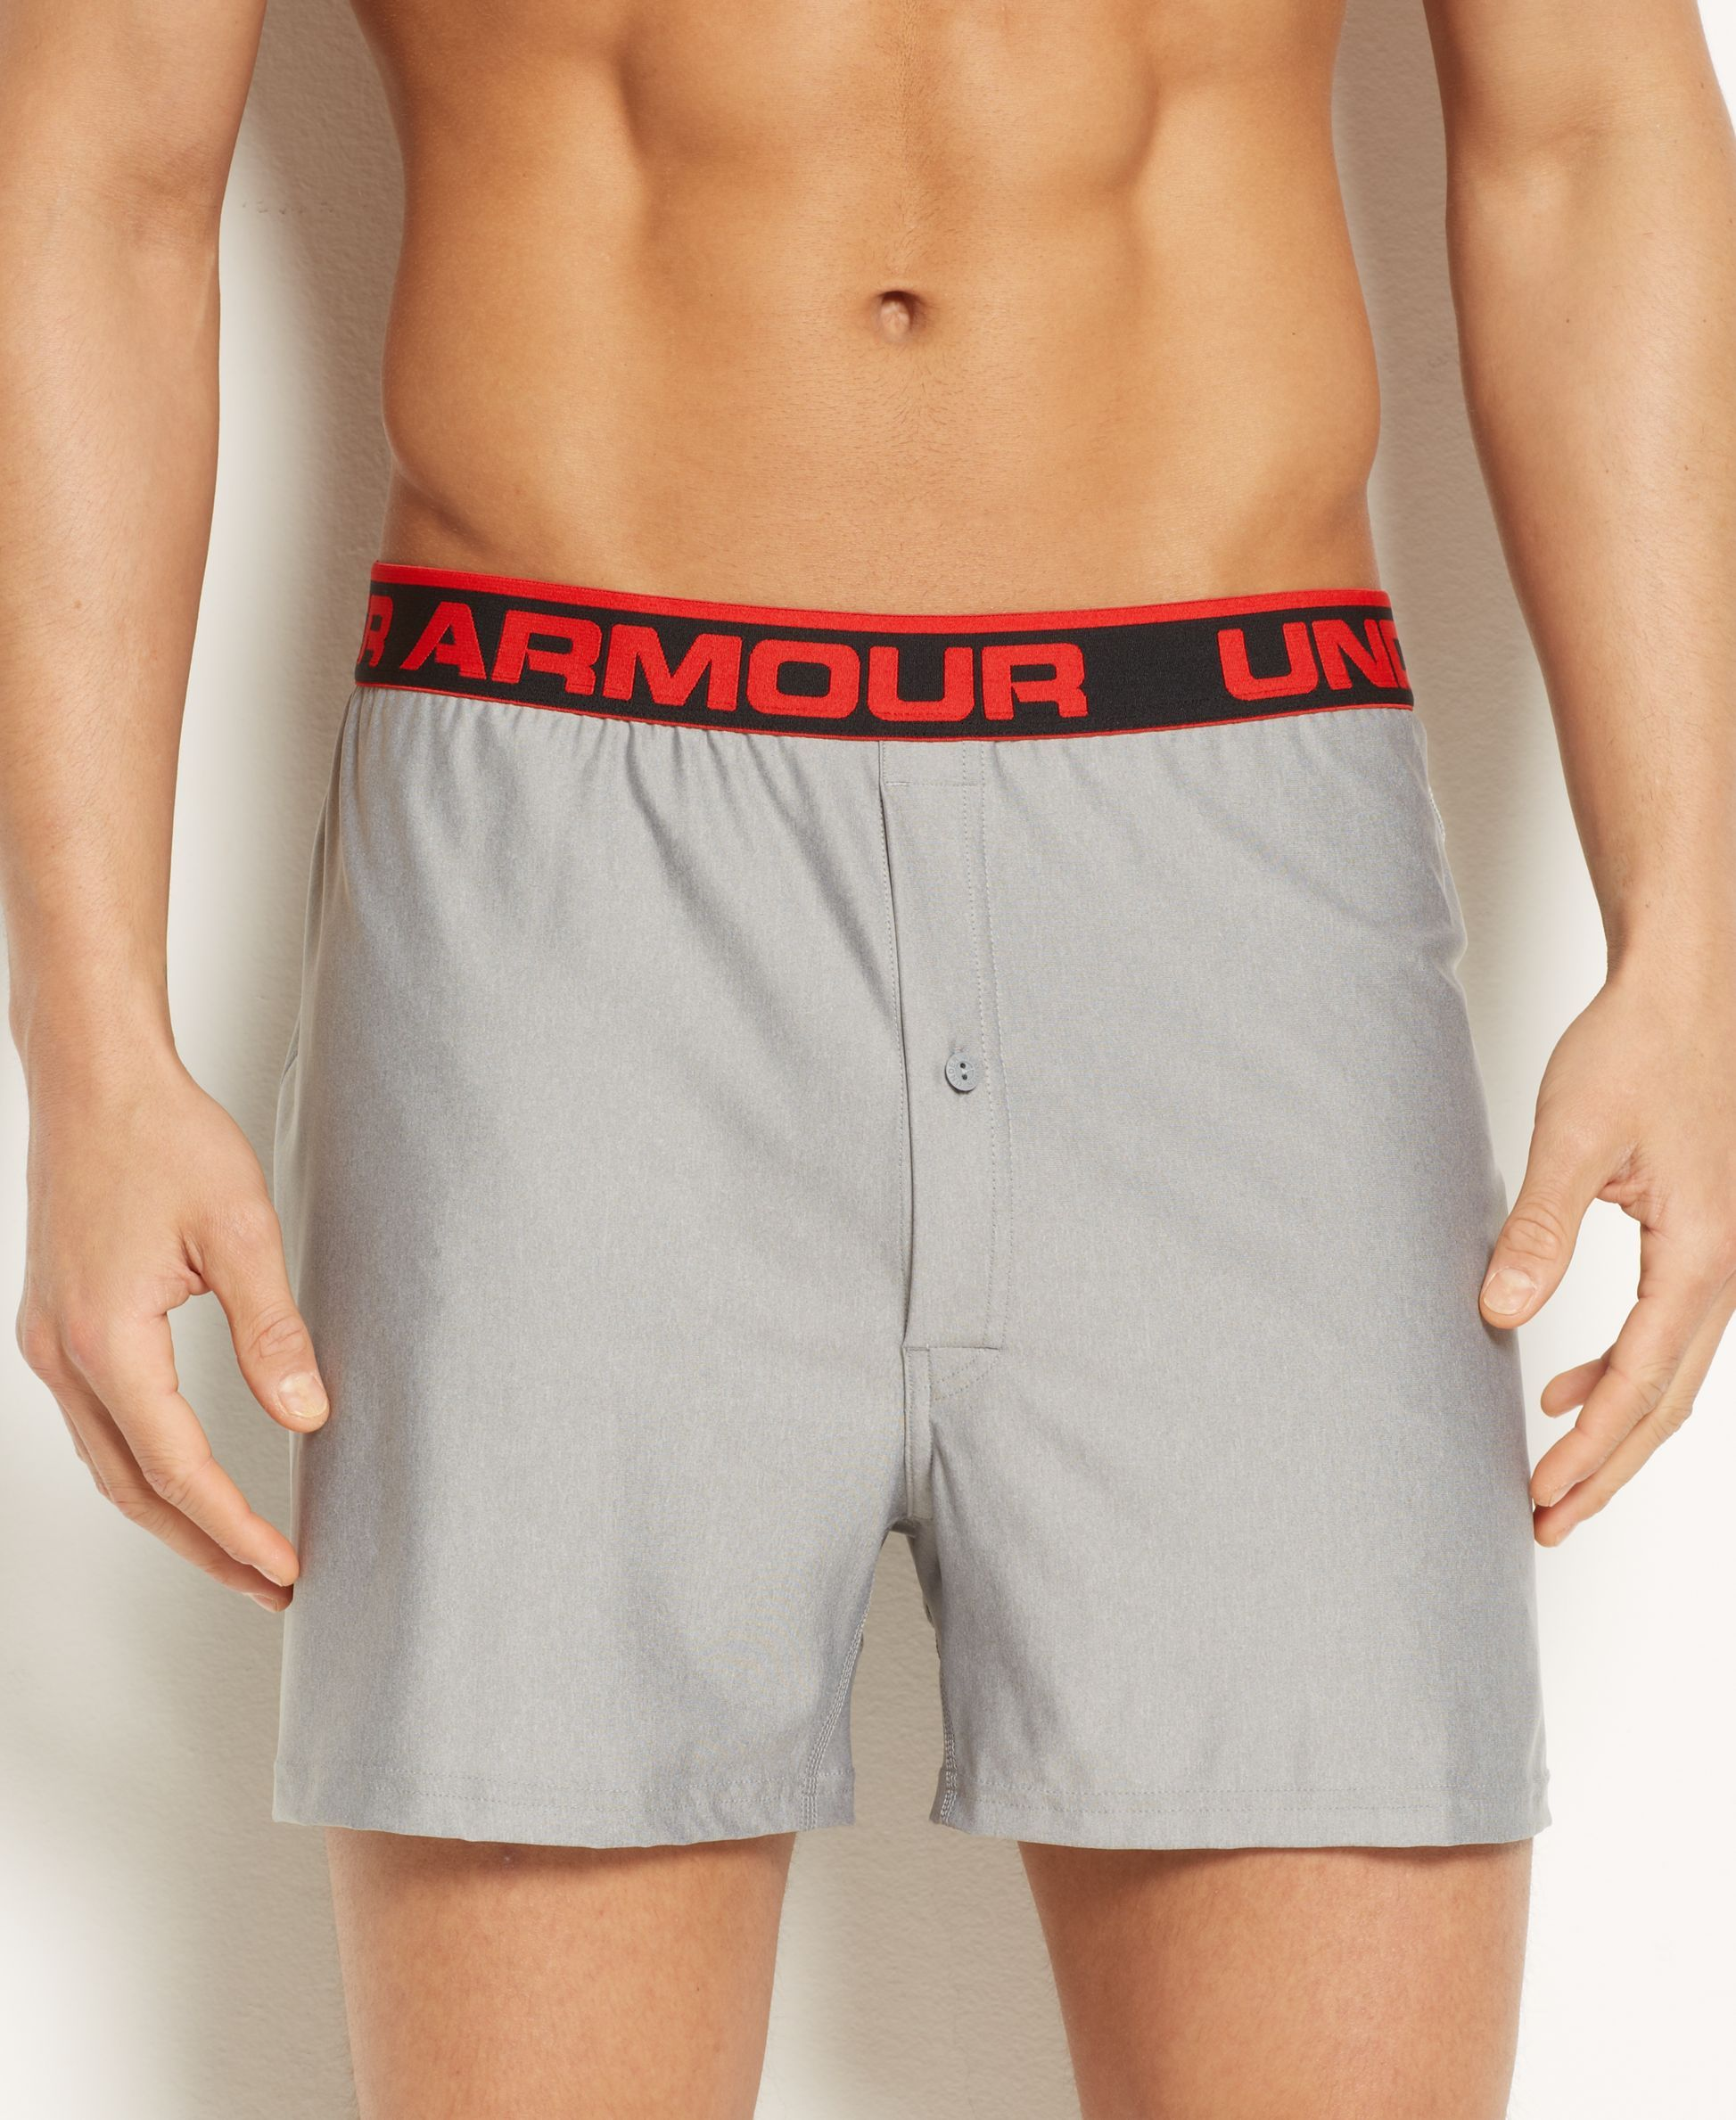 Under Armour Men s Underwear 427203e21c4